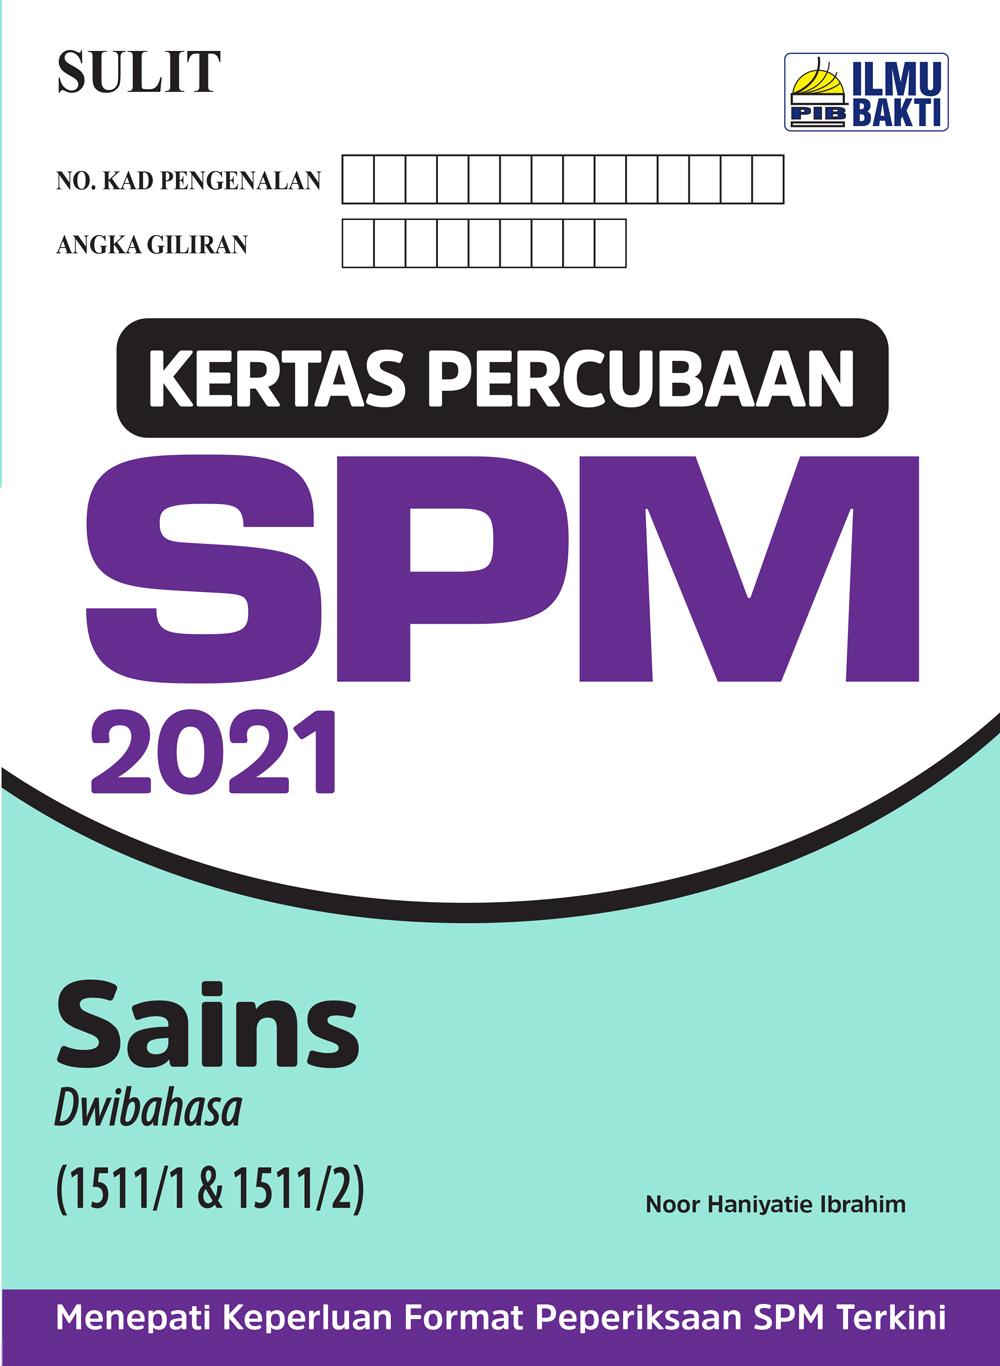 Kertas Percubaan SPM 2021 – Sains (Dwibahasa)